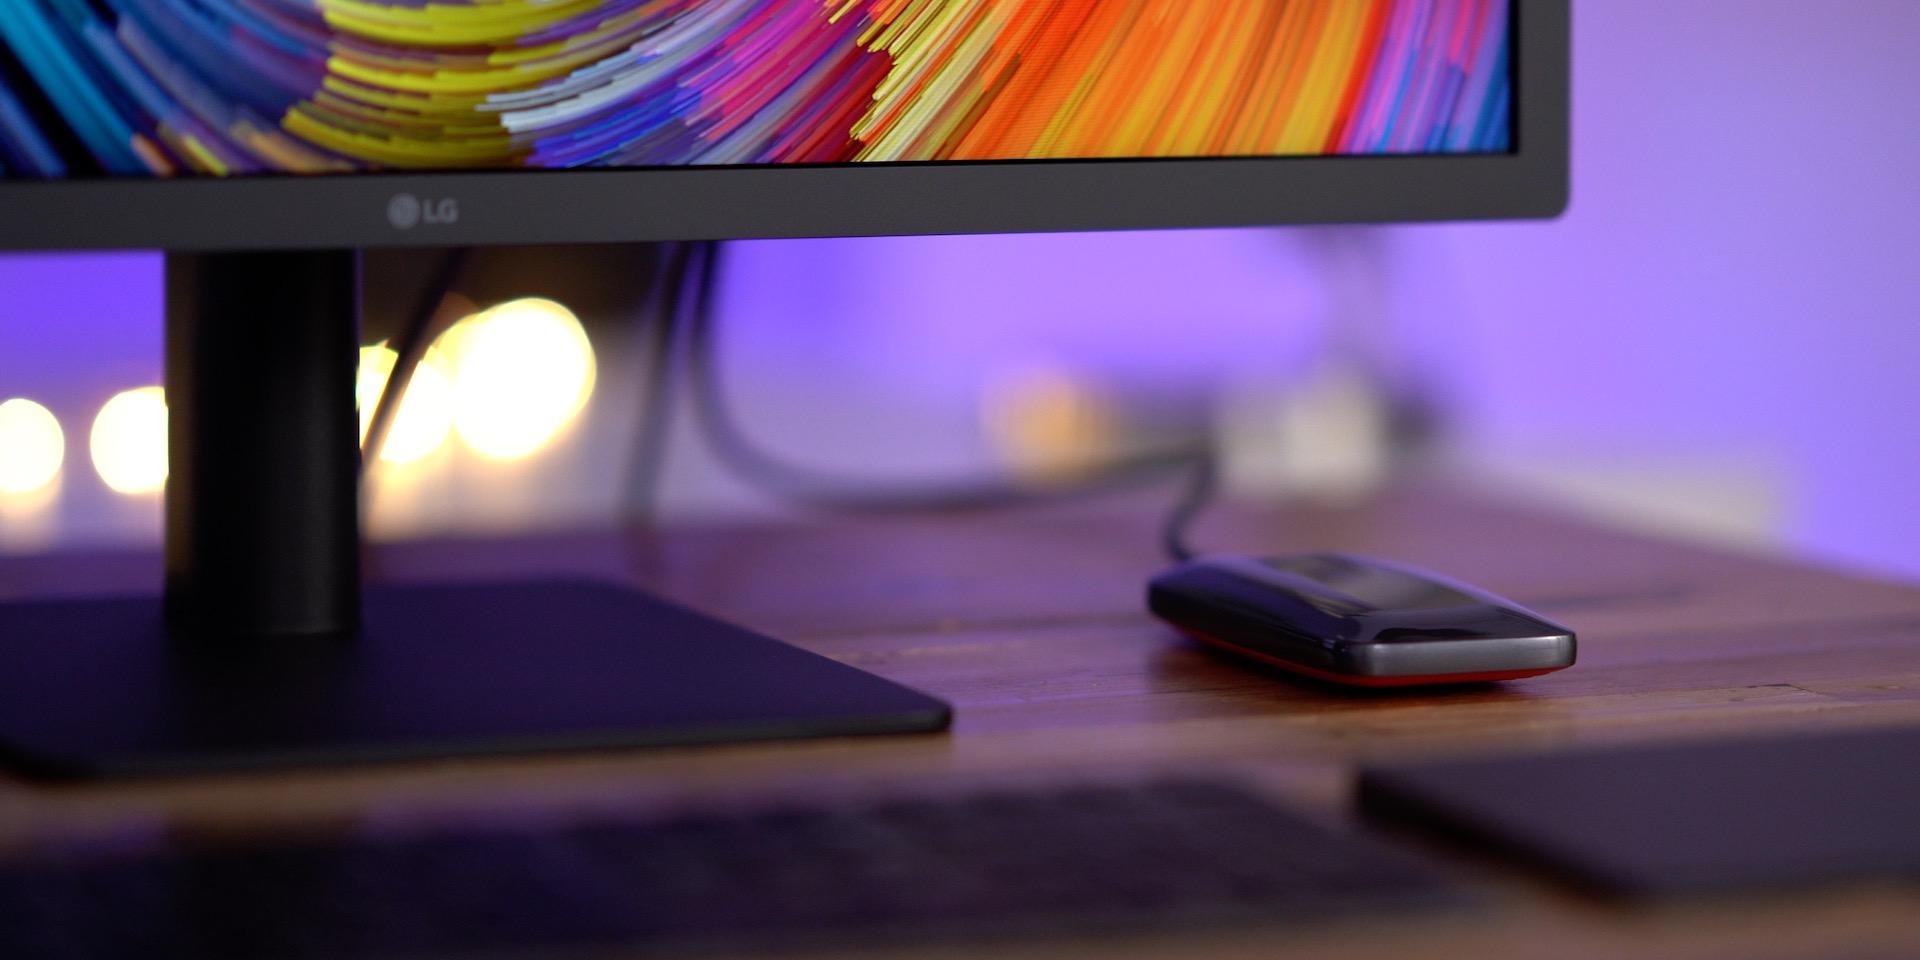 Samsung X5 SSD Daisy Chain Thunderbolt 3 setup